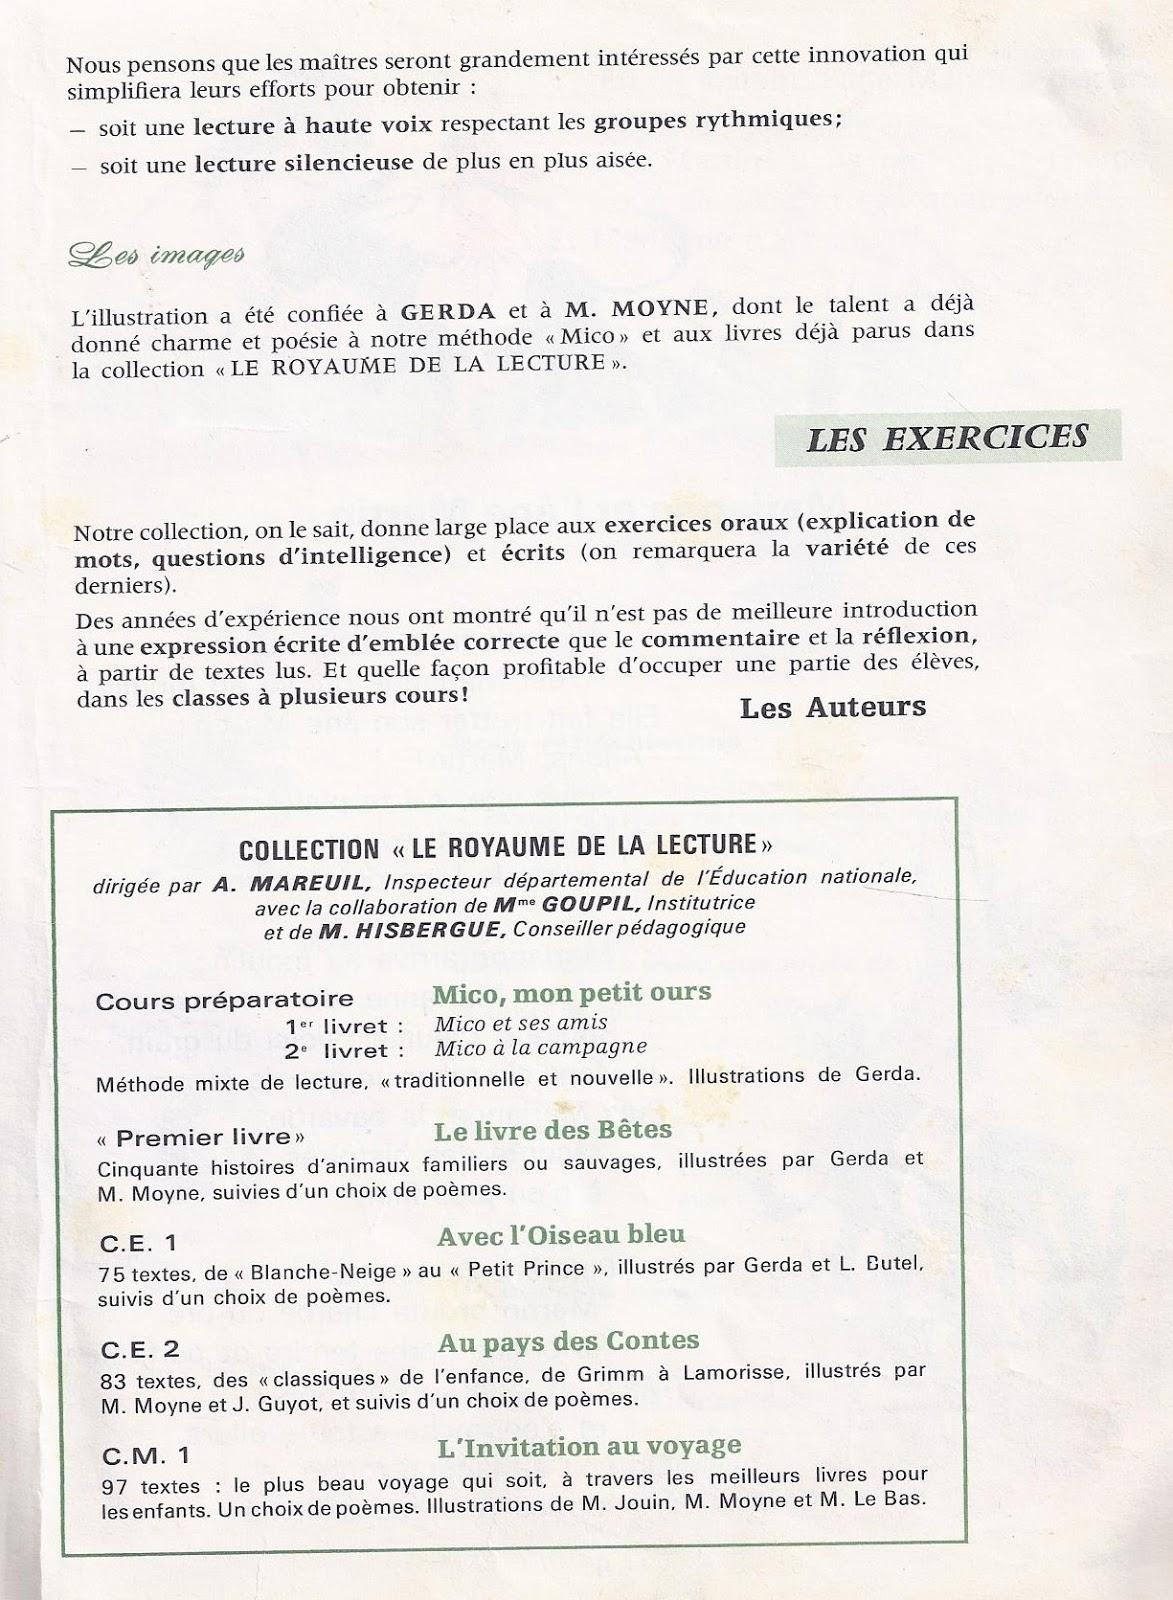 Turbo Mareuil et Goupil, Le Livre des bêtes (manuel CP-CE1  NV37